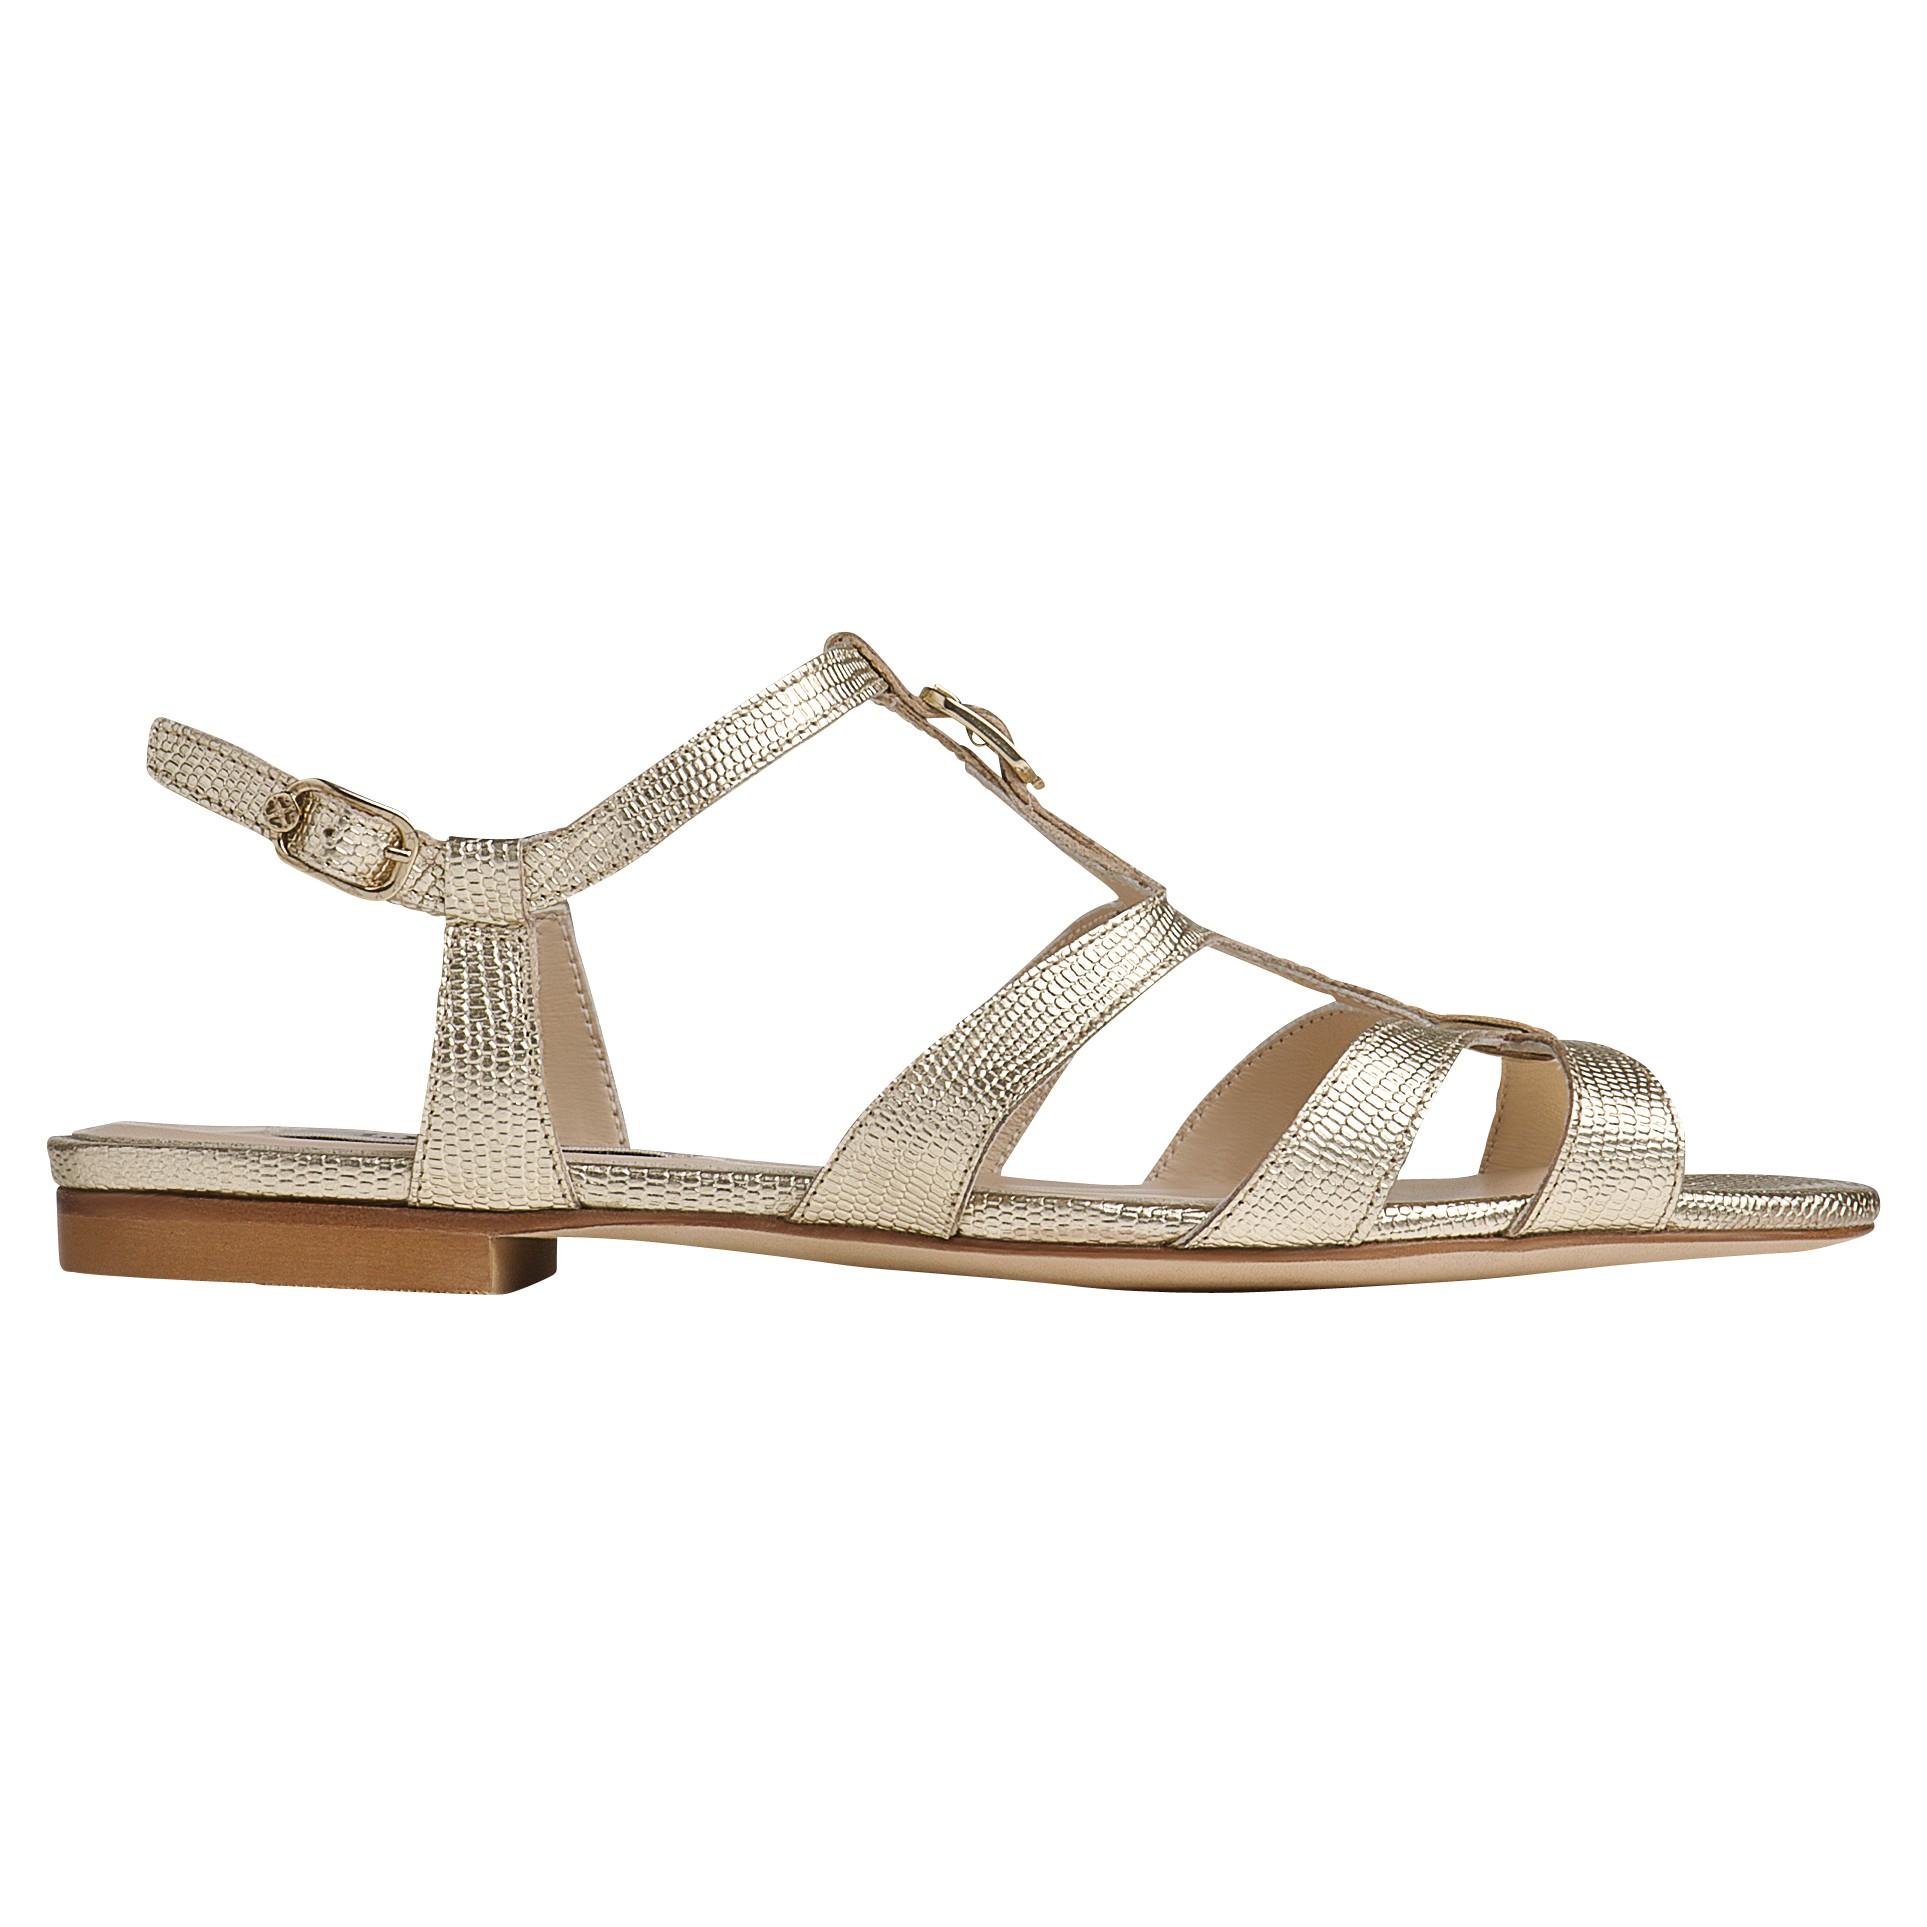 cd2d39b232038 L.K.Bennett Naomi Strappy Flat Sandals in Metallic - Lyst